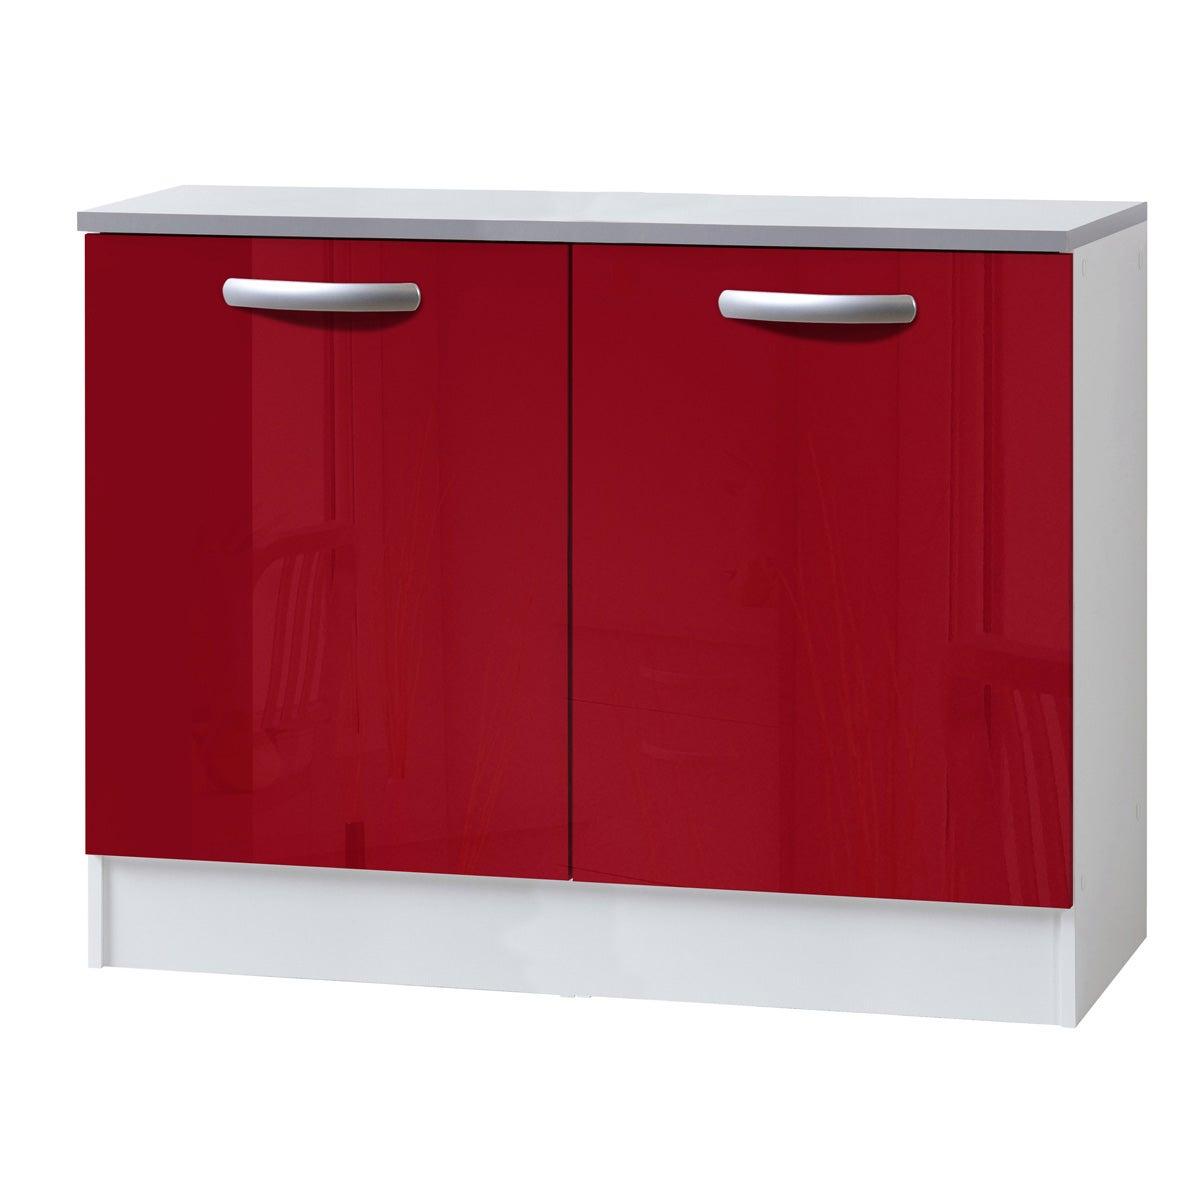 Meuble de cuisine bas 2 portes, rouge brillant, h86x l120x p60cm